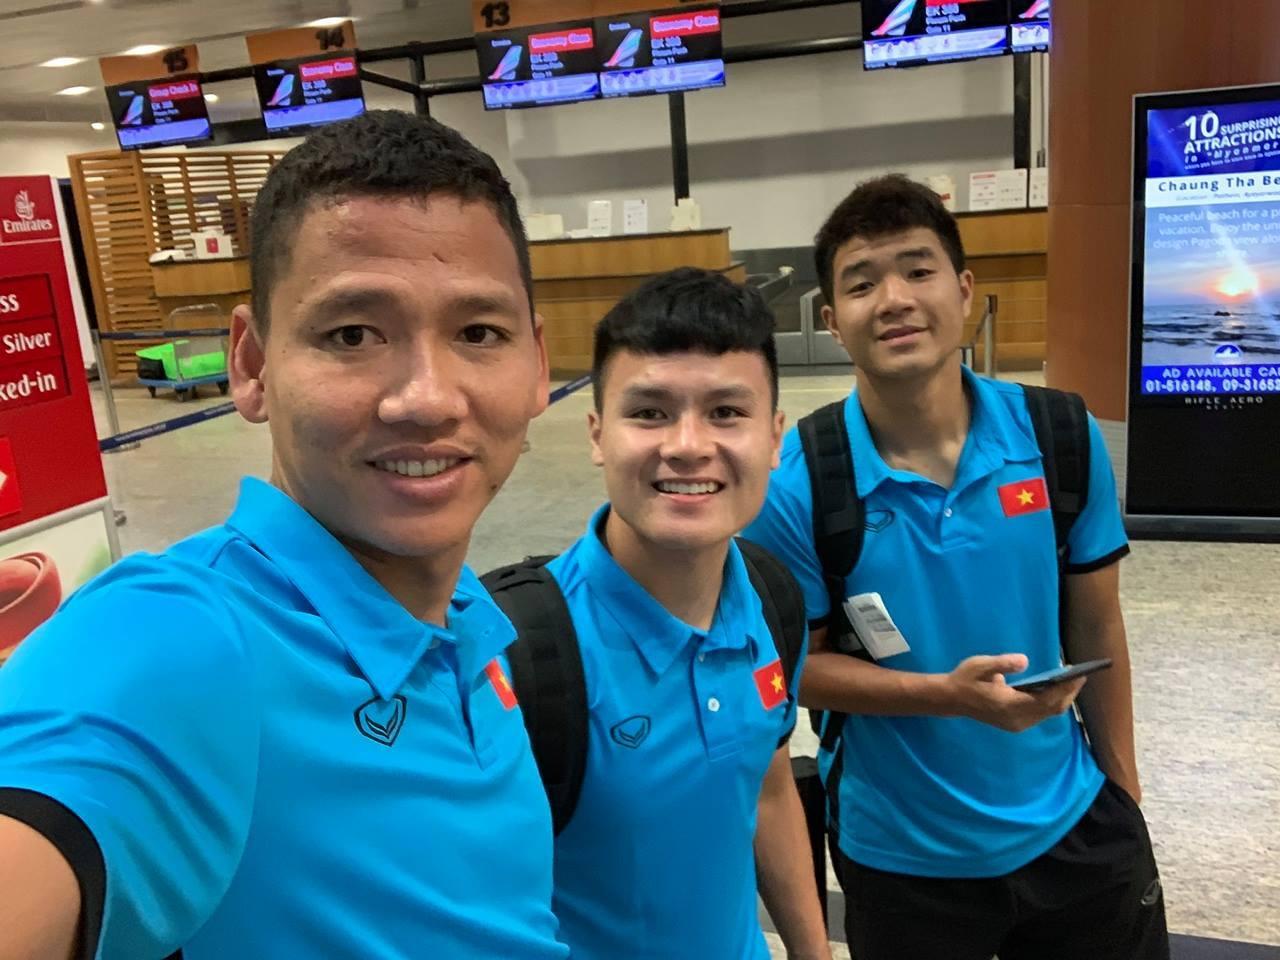 Bóng hồng giỏi giang sau Anh Đức AFF Cup 2018 - Ảnh 1